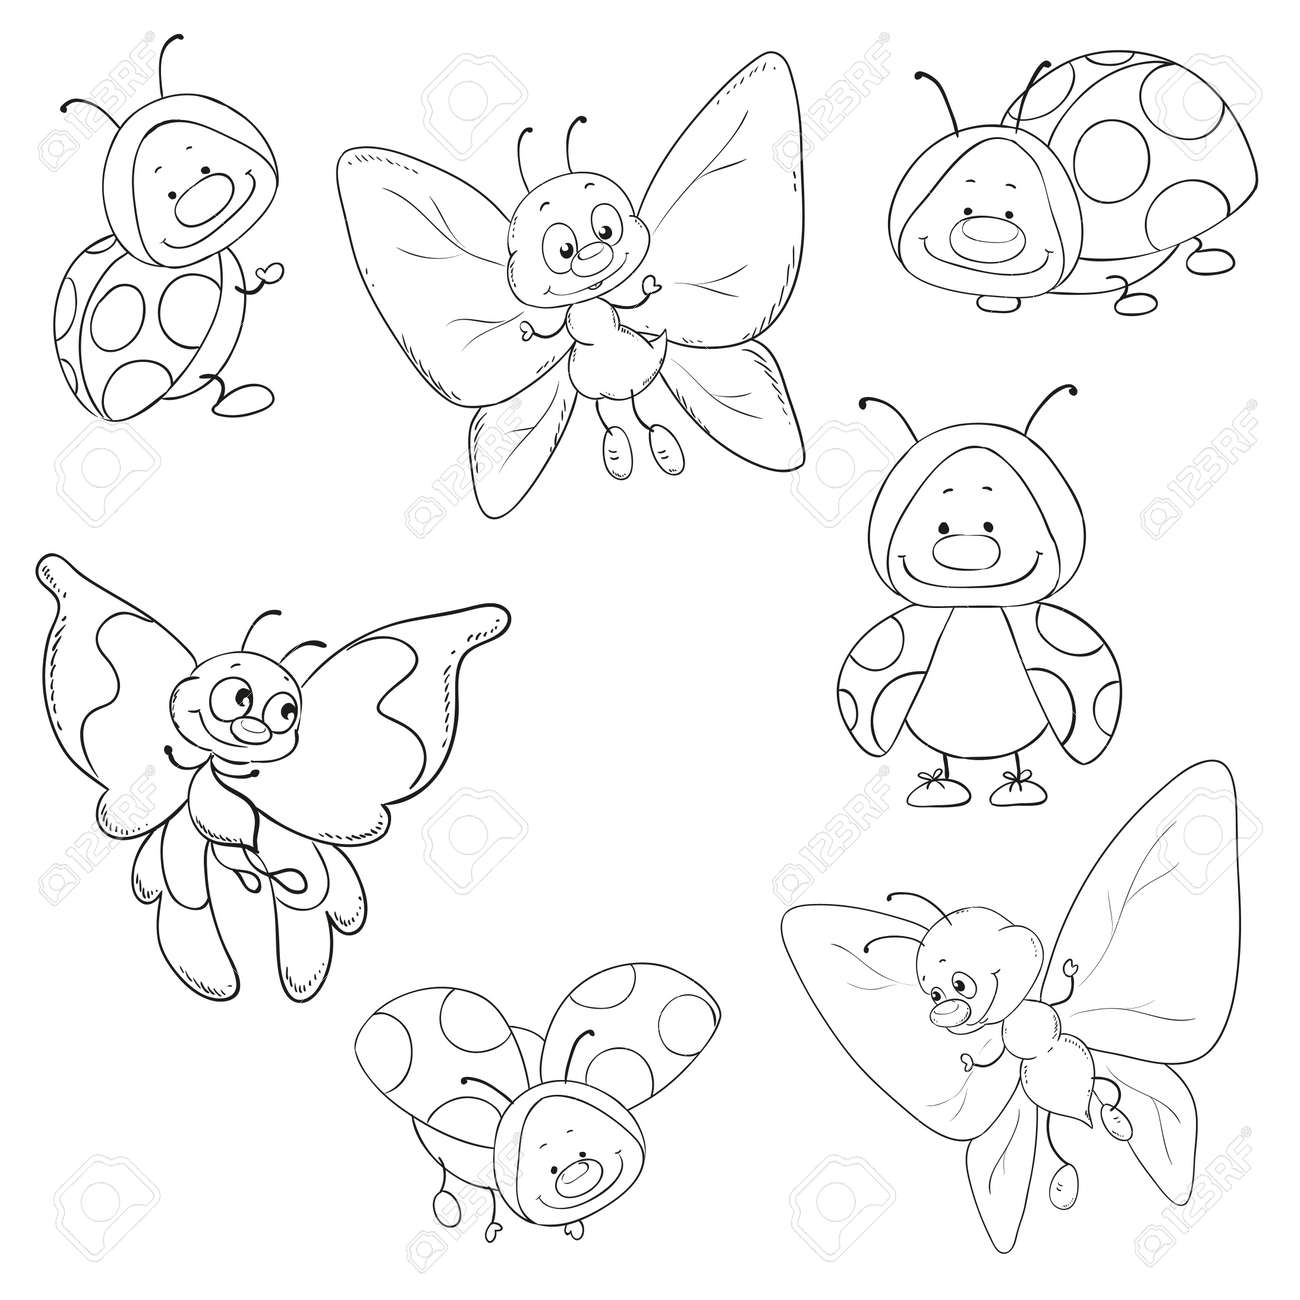 媒介昆虫蝶のセットとてんとう虫の塗り絵のイラスト素材ベクタ